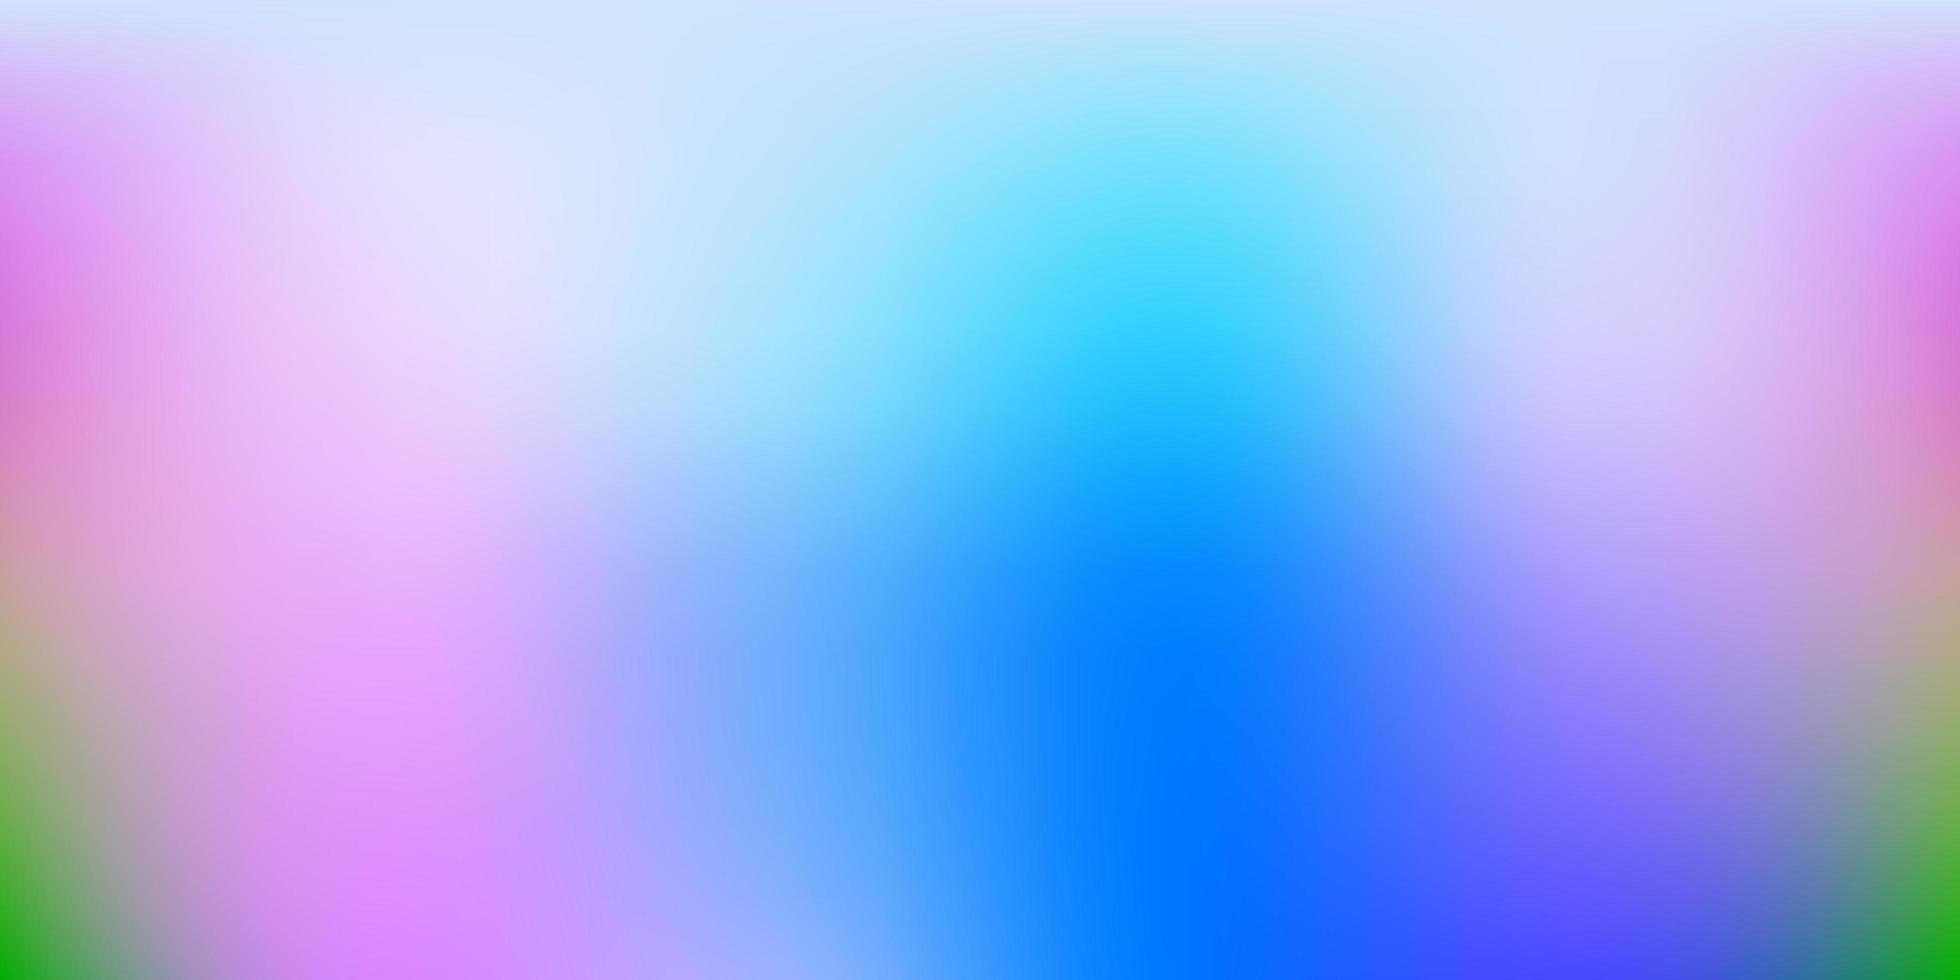 ljusblå, röd vektor oskärpa bakgrund.